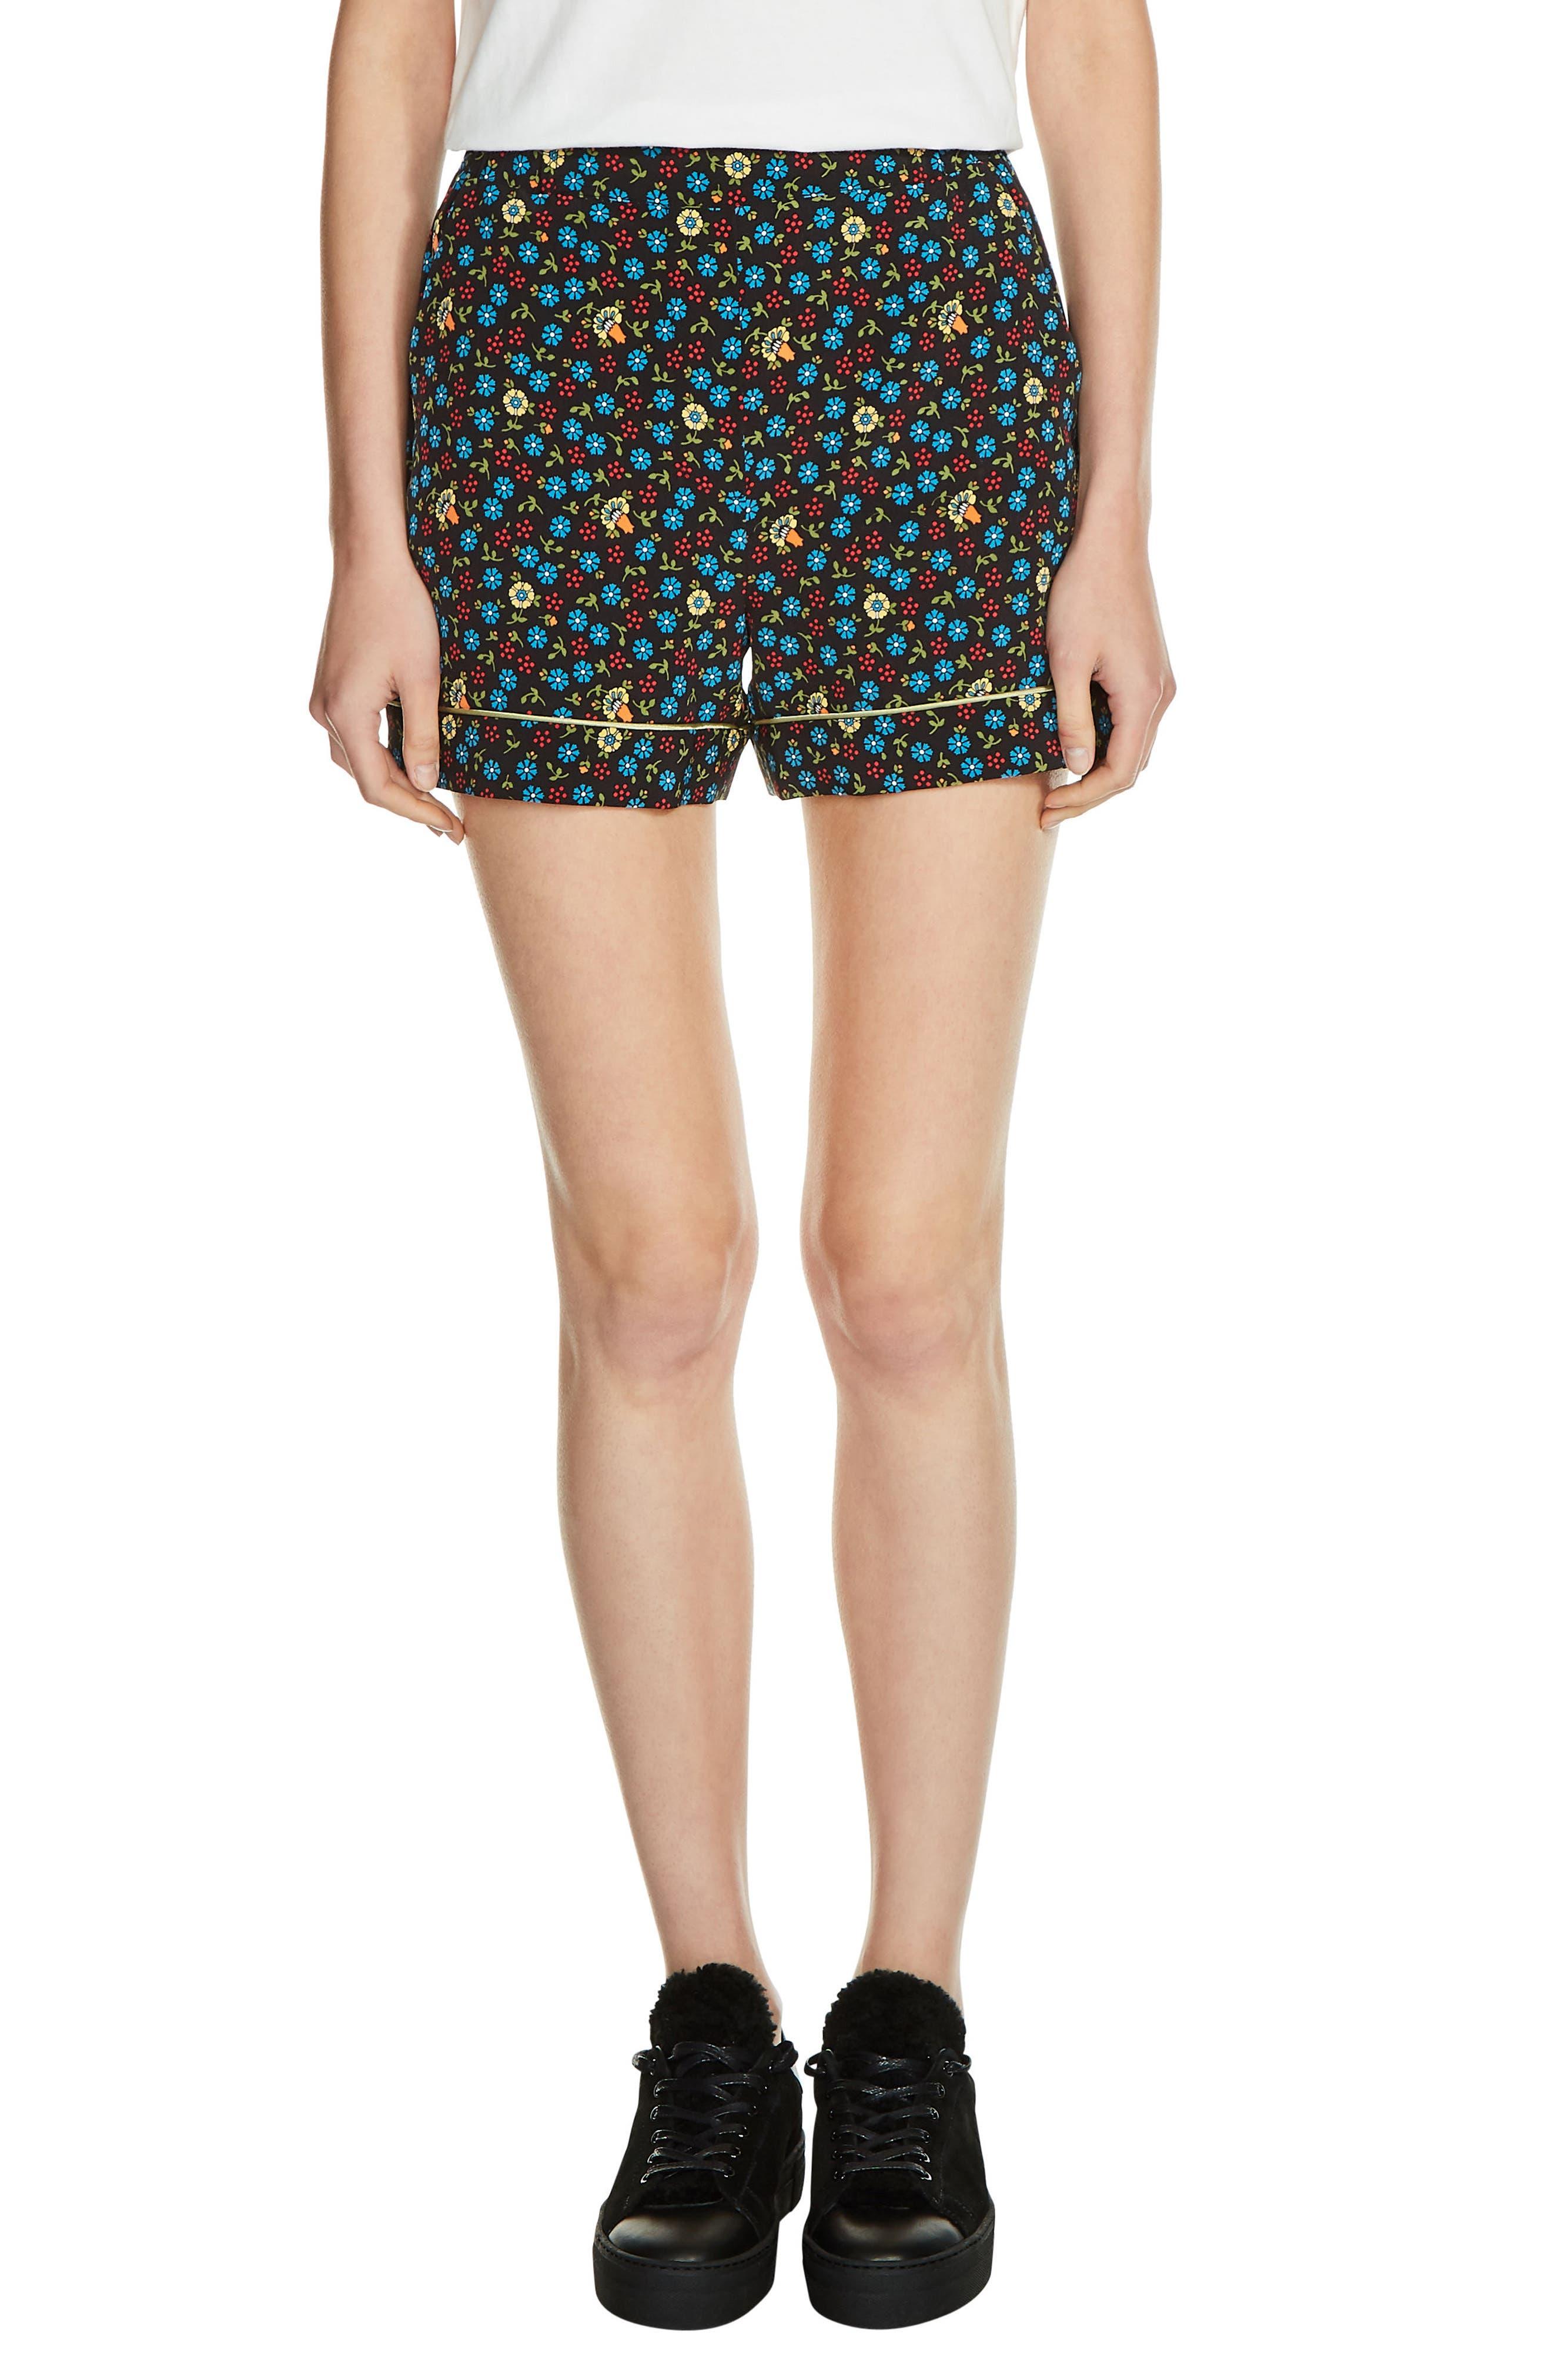 MAJE Floral Print Shorts